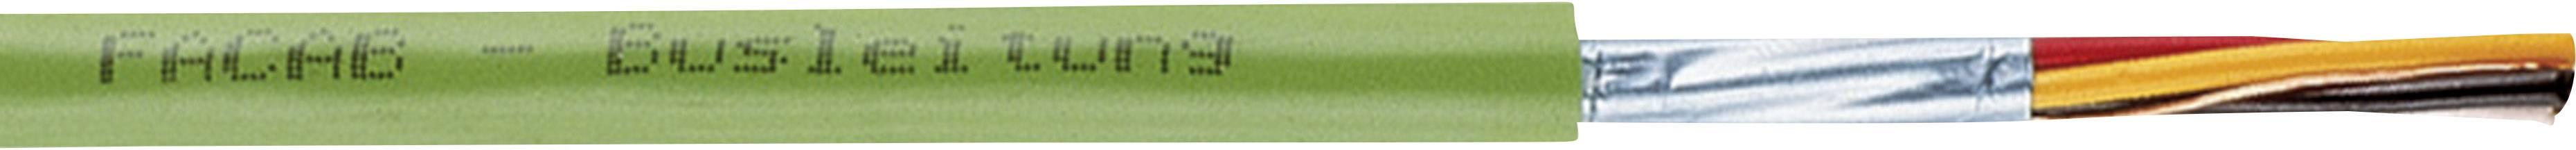 Zbernicový kábel Faber Kabel 101049, vnější Ø 6.30 mm, zelená, metrový tovar